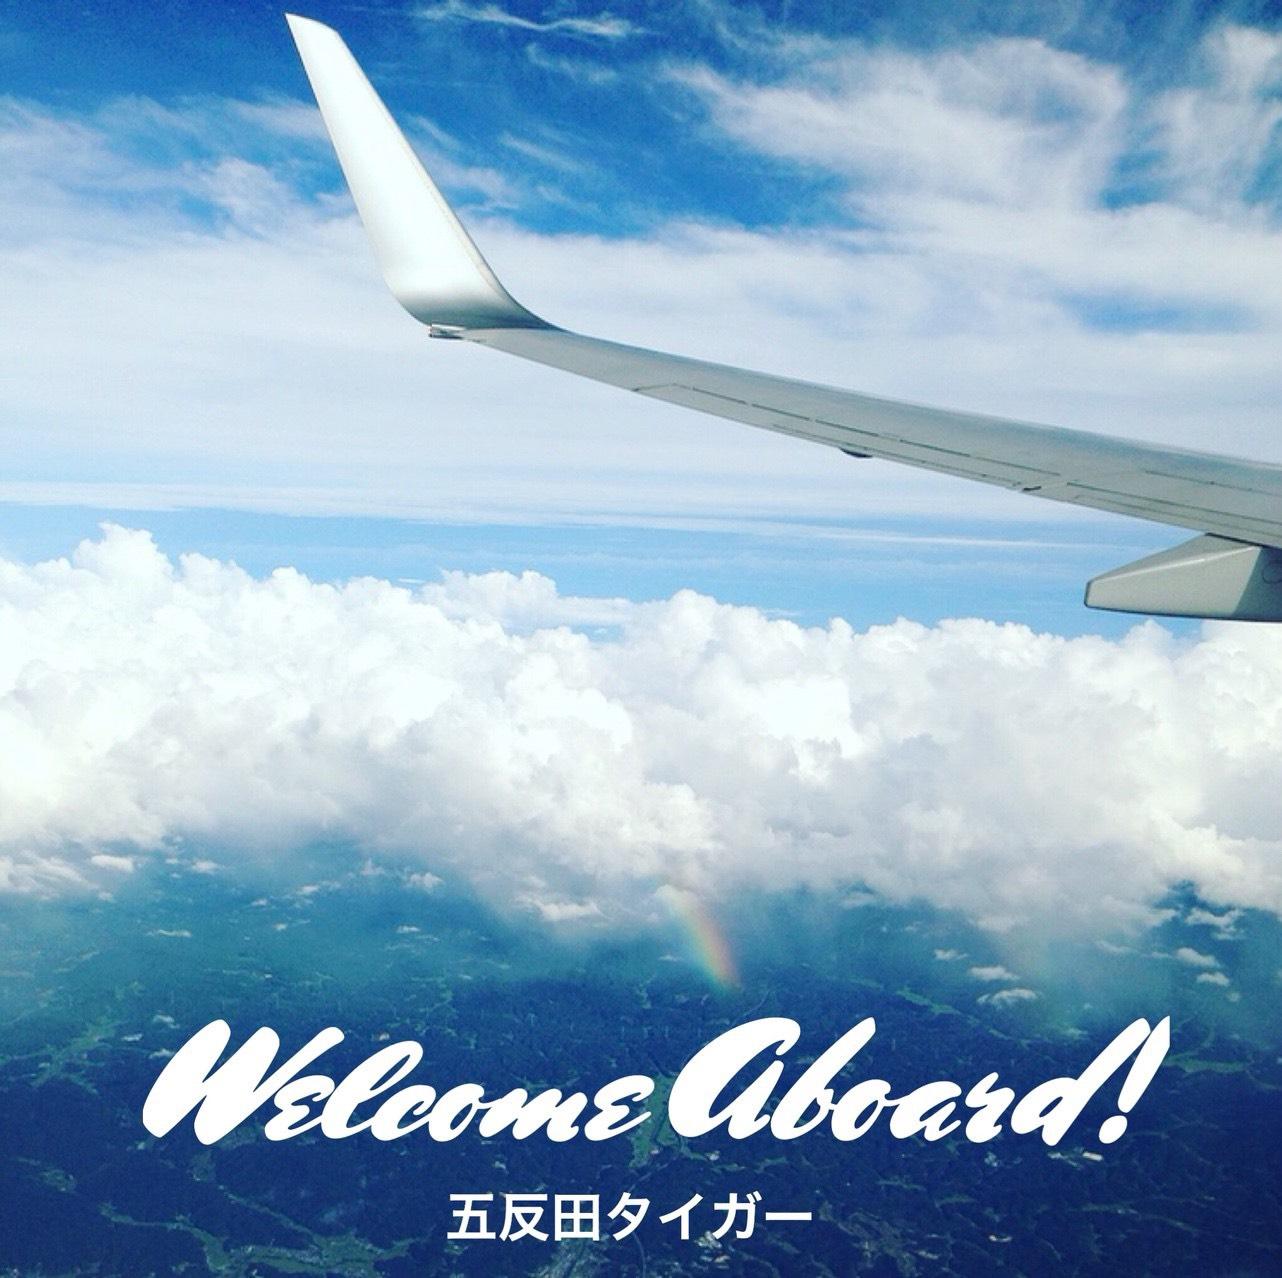 五反田タイガー『WELCOME ABOARD!』